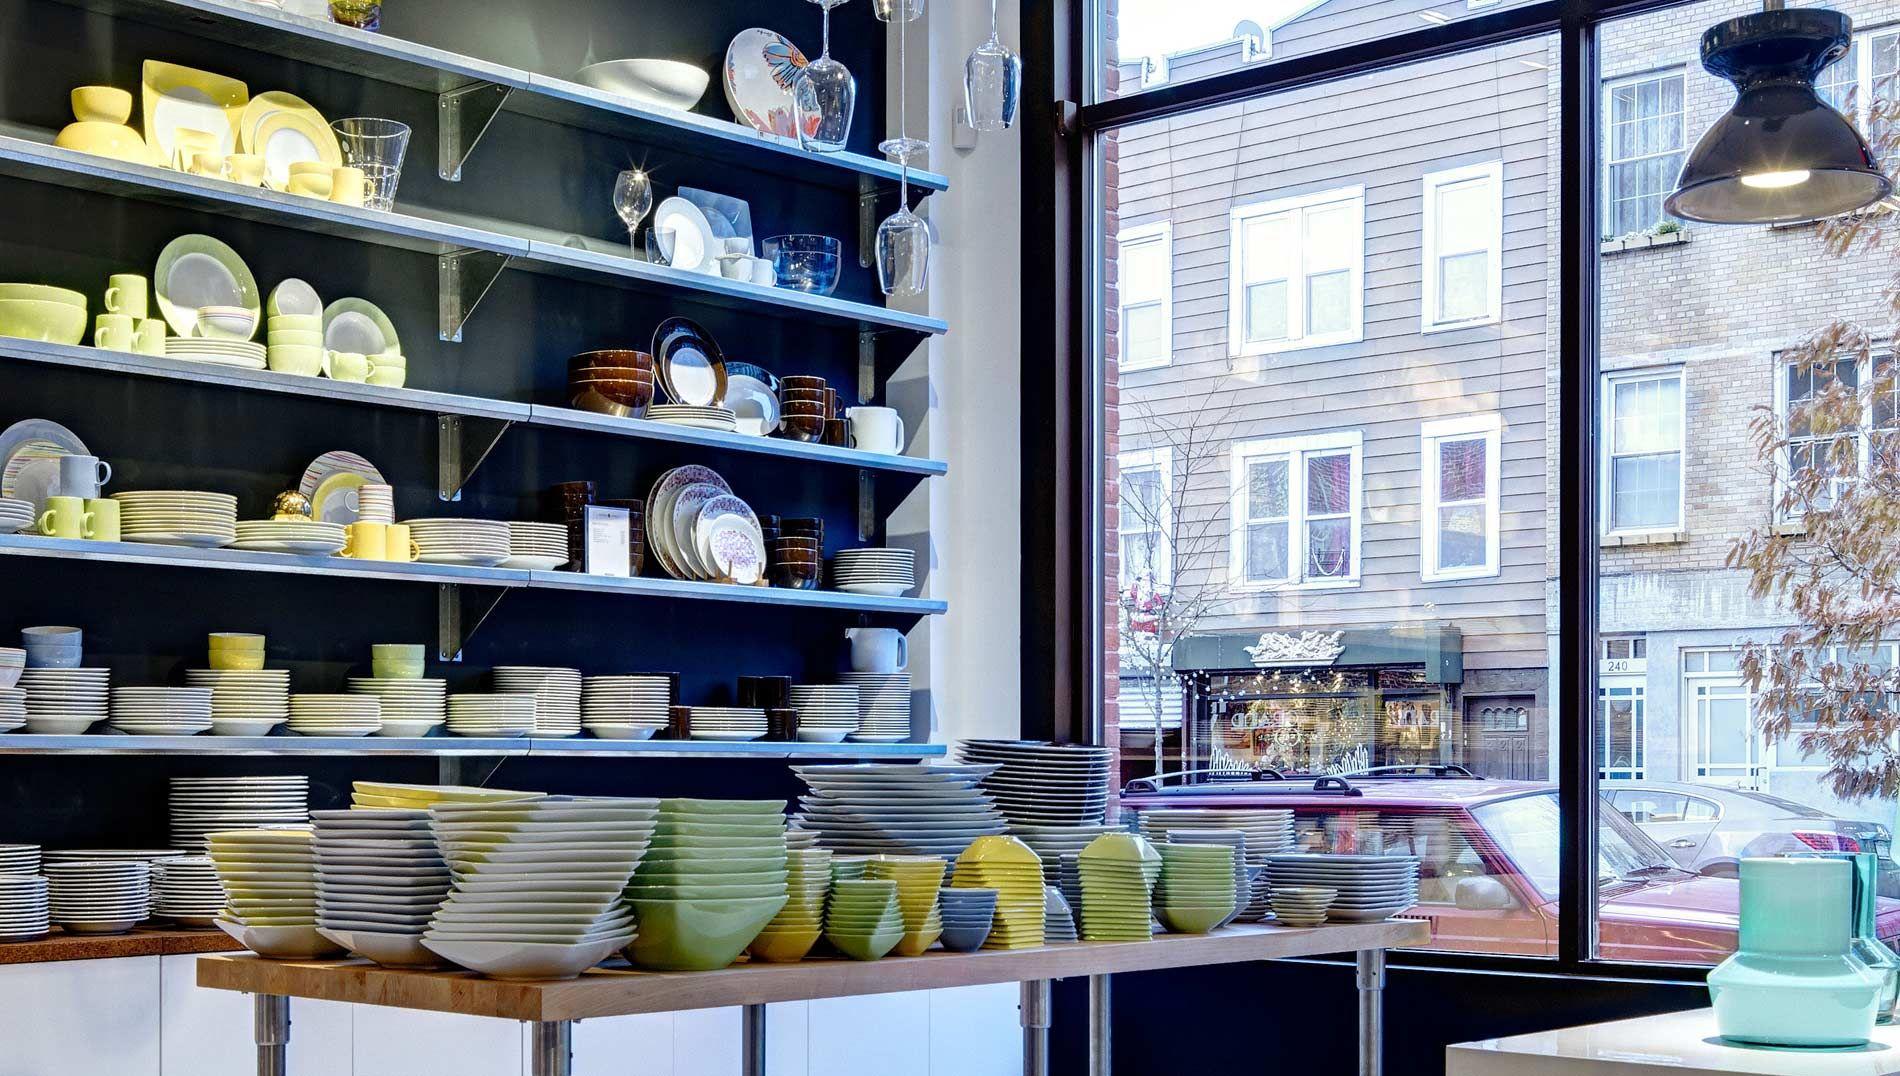 Kitchen Store Design Cucina & Tavola  Kitchen Store In Williamsburg  Nyc To Do's